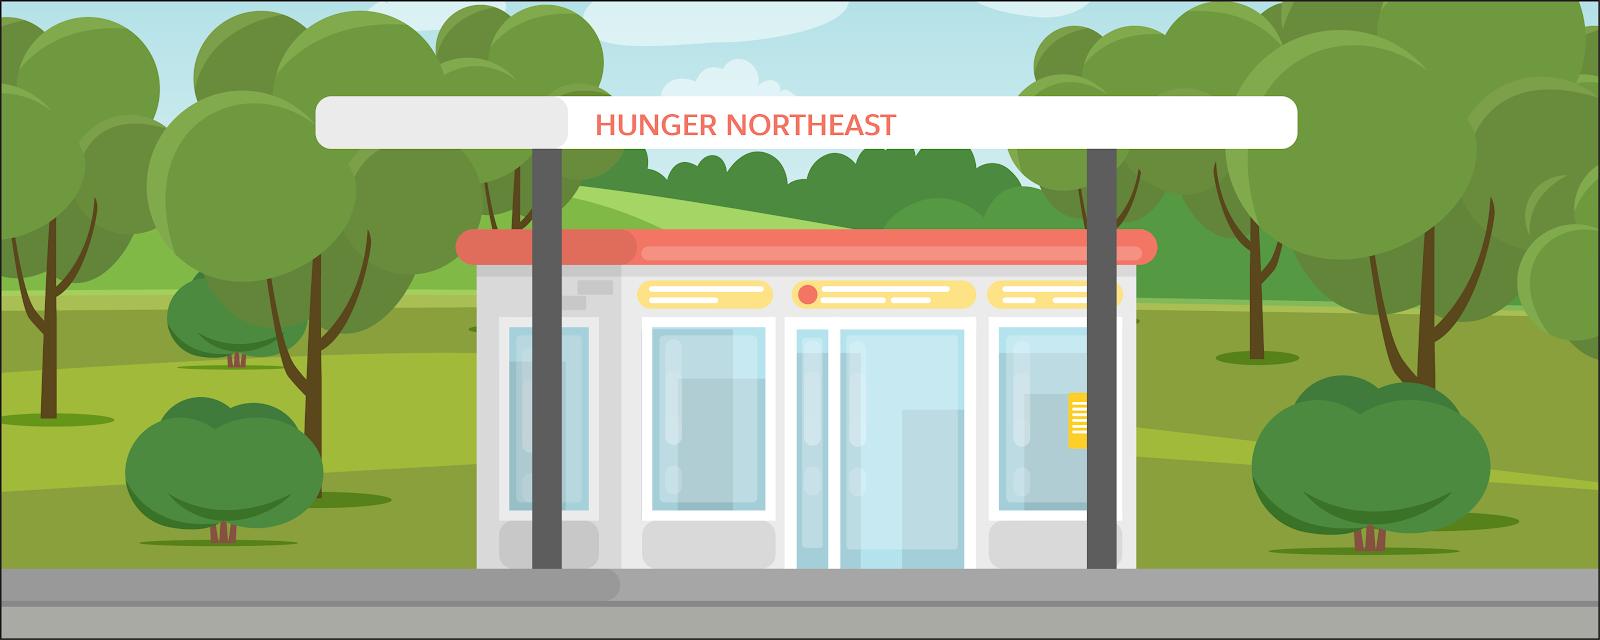 Hunger Northeast は、以前ガソリンスタンドだった場所を利用して運営されている地方の小さなフードパントリーです。